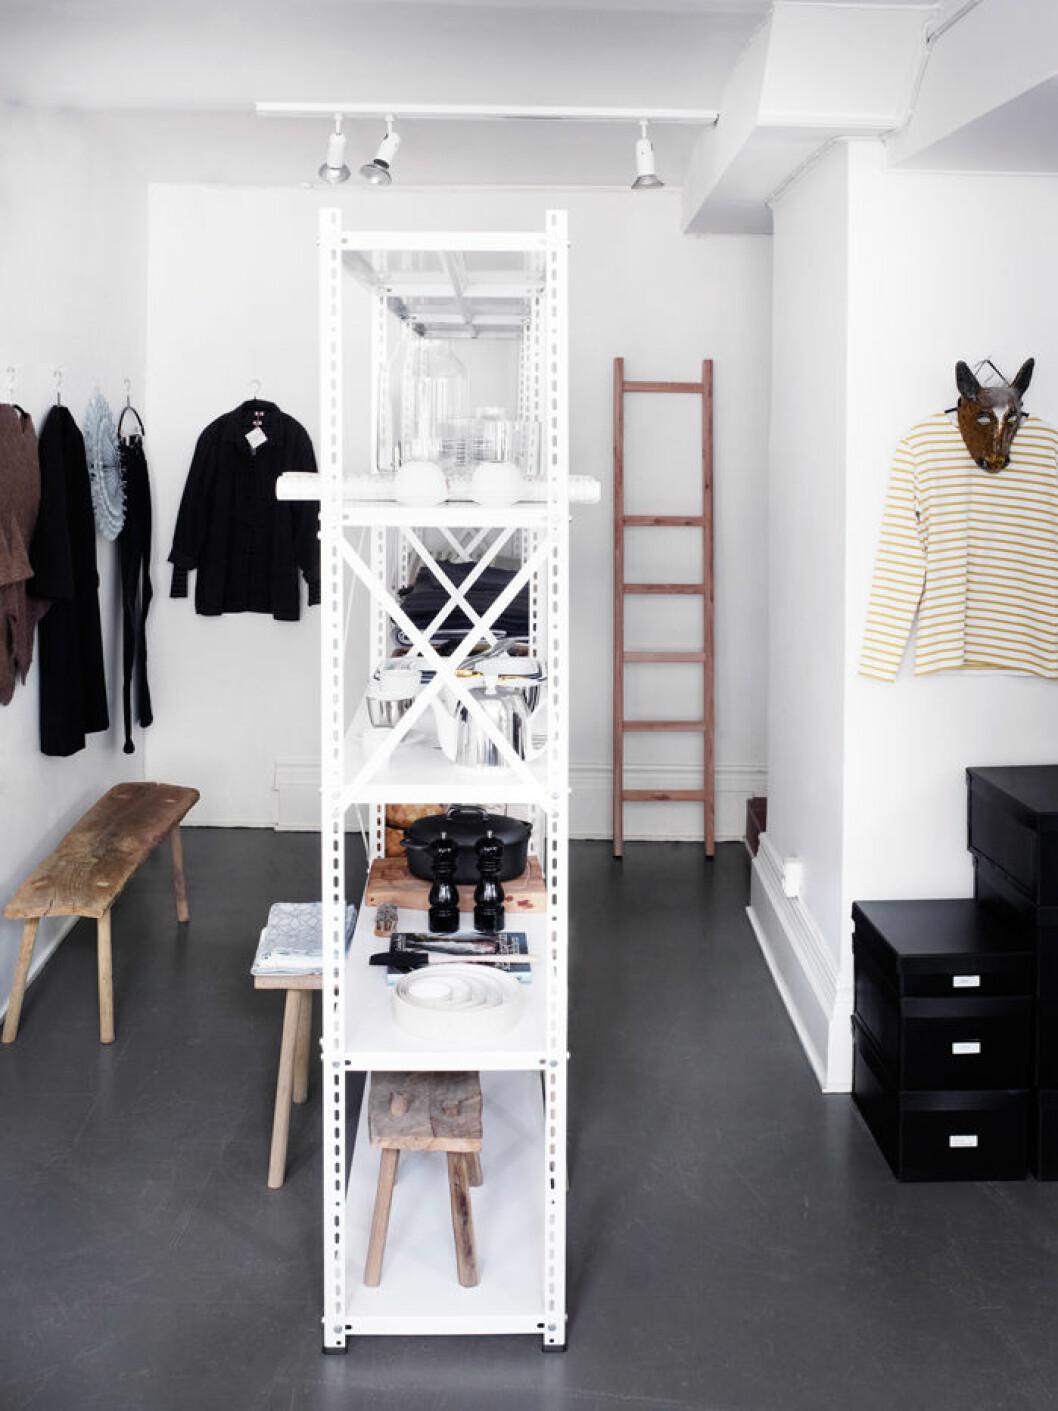 Walk-in-closet med hylla i mitten av rummet